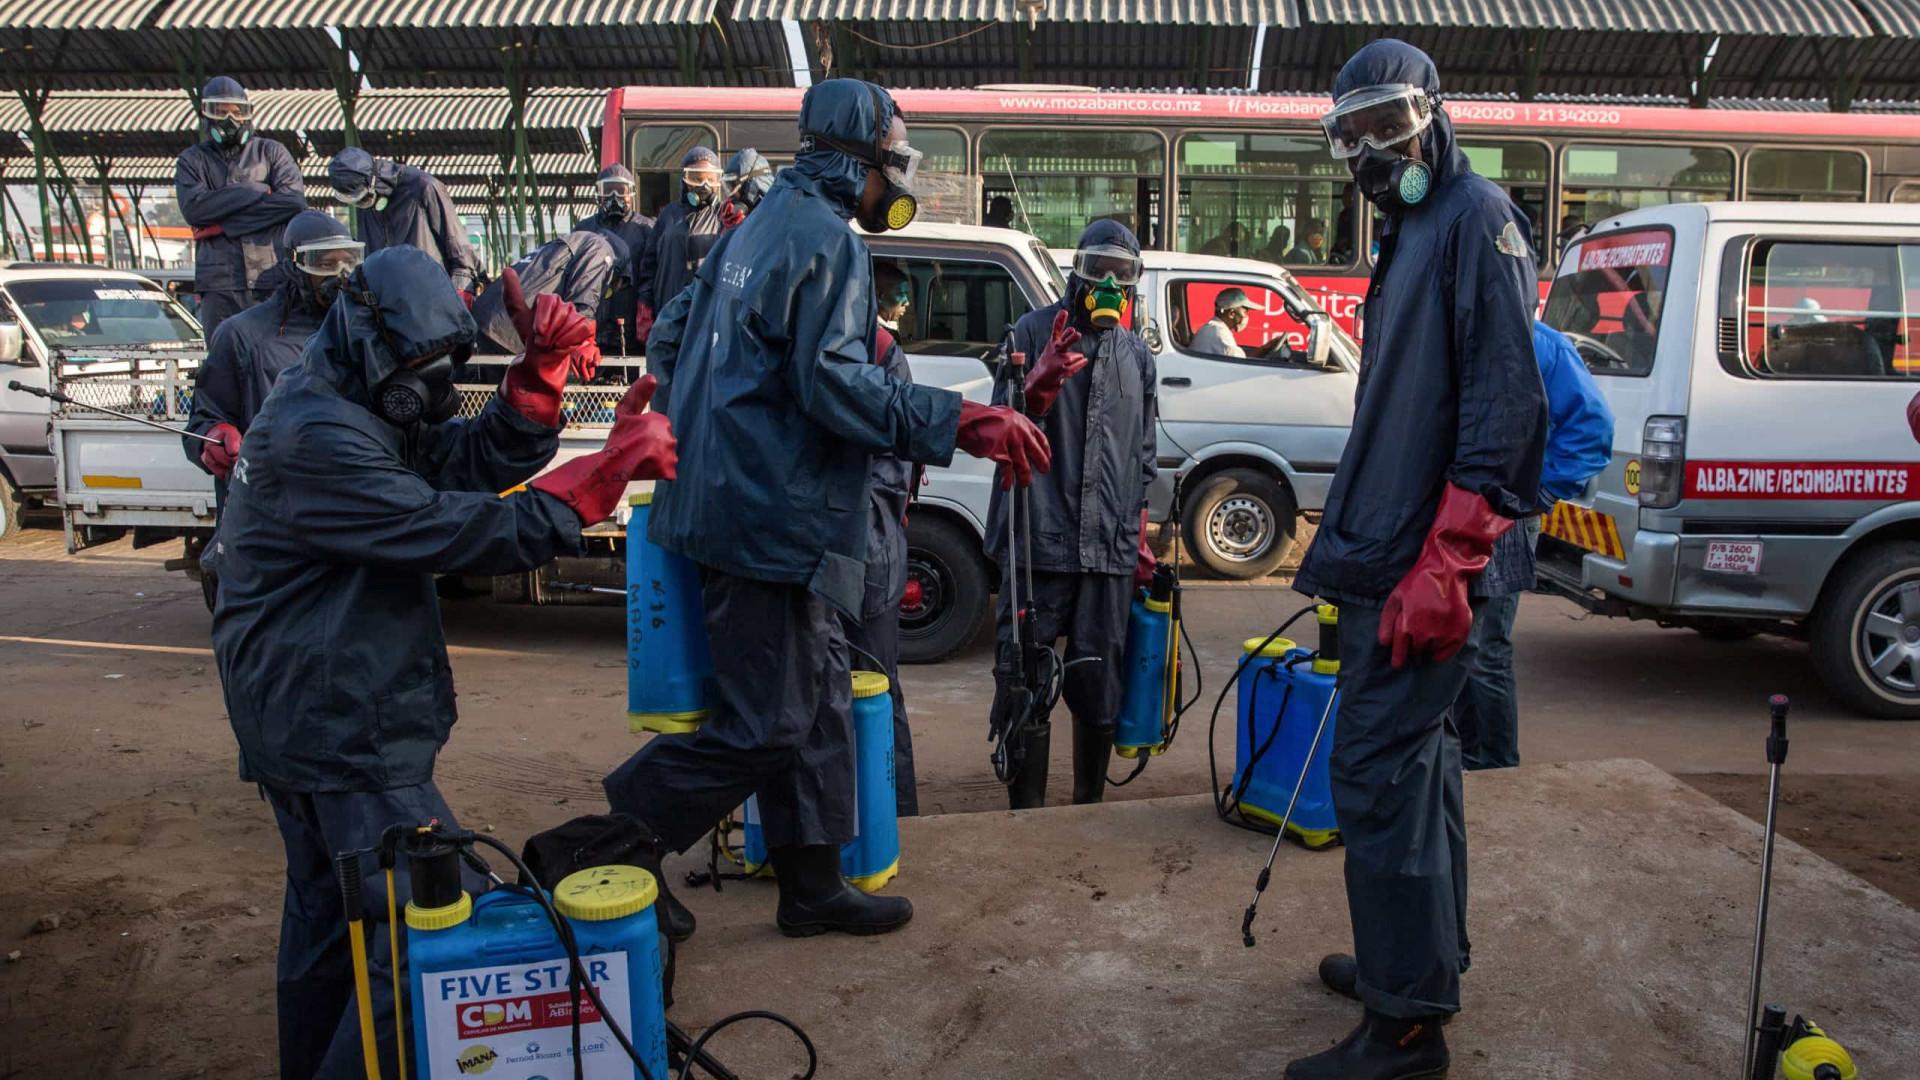 Moçambique regista mais 31 infeções e sobe total para 1.071 casos